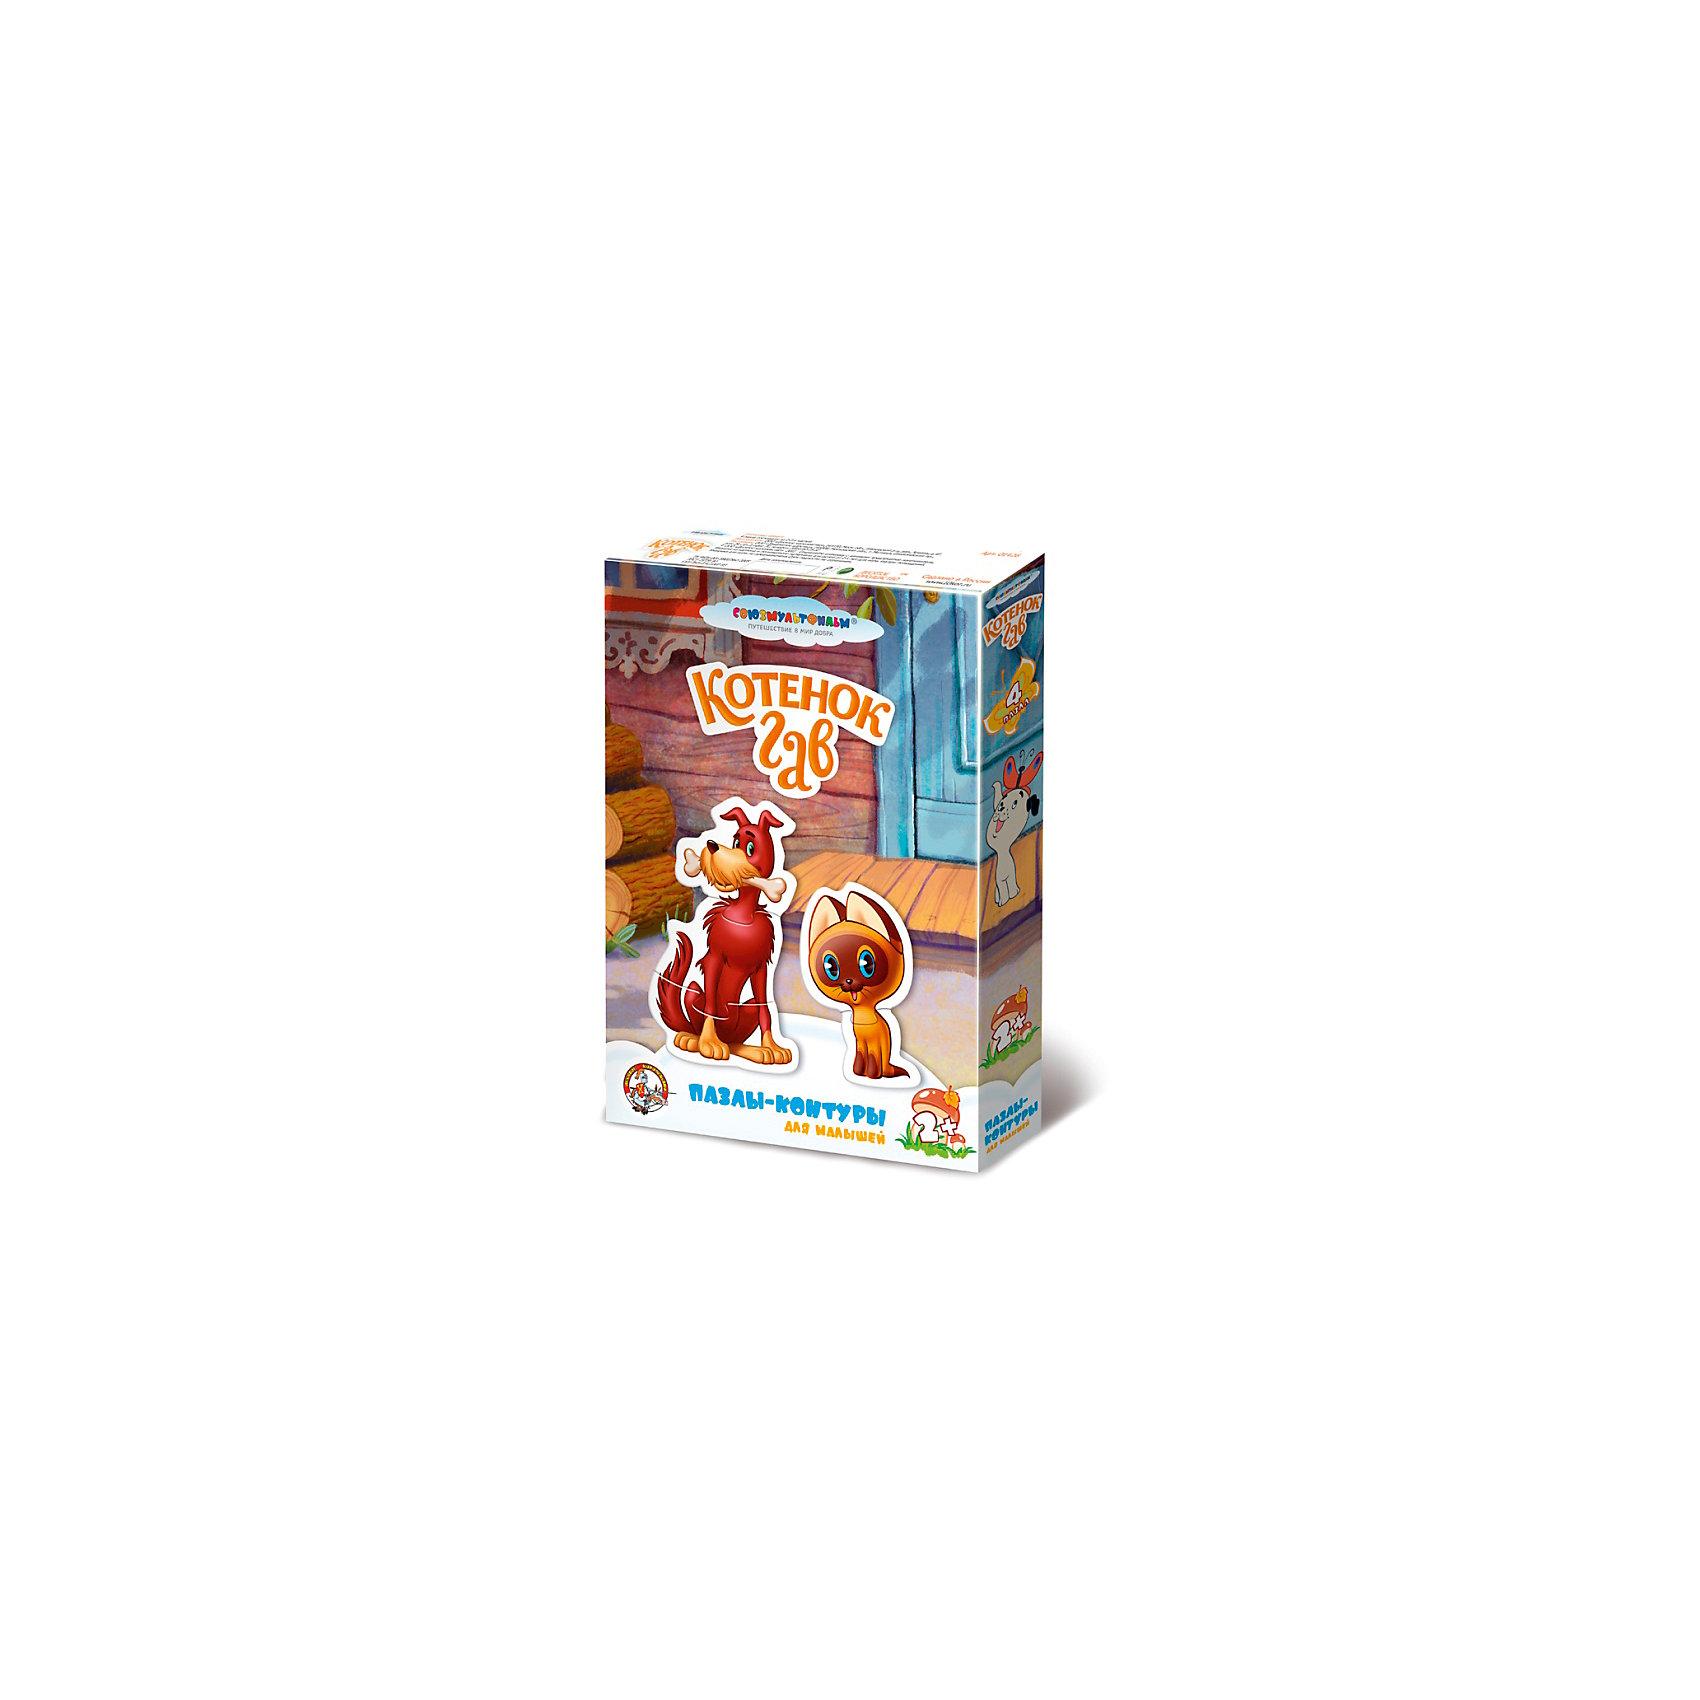 Пазлы-контуры Котенок Гав, Десятое королевствоПазлы для малышей<br>Характеристики:<br><br>• возраст: от 2 лет<br>• количество деталей: 10<br>• материалы: вспененный полимер, картон<br>• упаковка: картонная коробка<br>• размер упаковки: 278х198х38 мм.<br>• вес: 128 гр.<br><br>Пазлы-контуры, выполненные из экологически чистых материалов, разработаны для самых маленьких. Из крупных мягких деталей пазла ребенок соберет четырех героев мультфильма «Котенок Гав»: котенка по имени Гав и его друга щенка Шарика из двух частей, хитрого чёрного кота и сердитого дворового пса из трех. <br><br>Элементы пазла плотно и надежно фиксируются между собой, что позволит малышу играть готовыми фигурками. Собирая пазл, ребенок научится сопоставлять часть и целое, концентрировать внимание и доводить начатое дело до конца.<br><br>Пазлы-контуры Котенок Гав, Десятое королевство можно купить в нашем интернет-магазине.<br><br>Ширина мм: 275<br>Глубина мм: 200<br>Высота мм: 40<br>Вес г: 171<br>Возраст от месяцев: 24<br>Возраст до месяцев: 2147483647<br>Пол: Унисекс<br>Возраст: Детский<br>SKU: 6723908